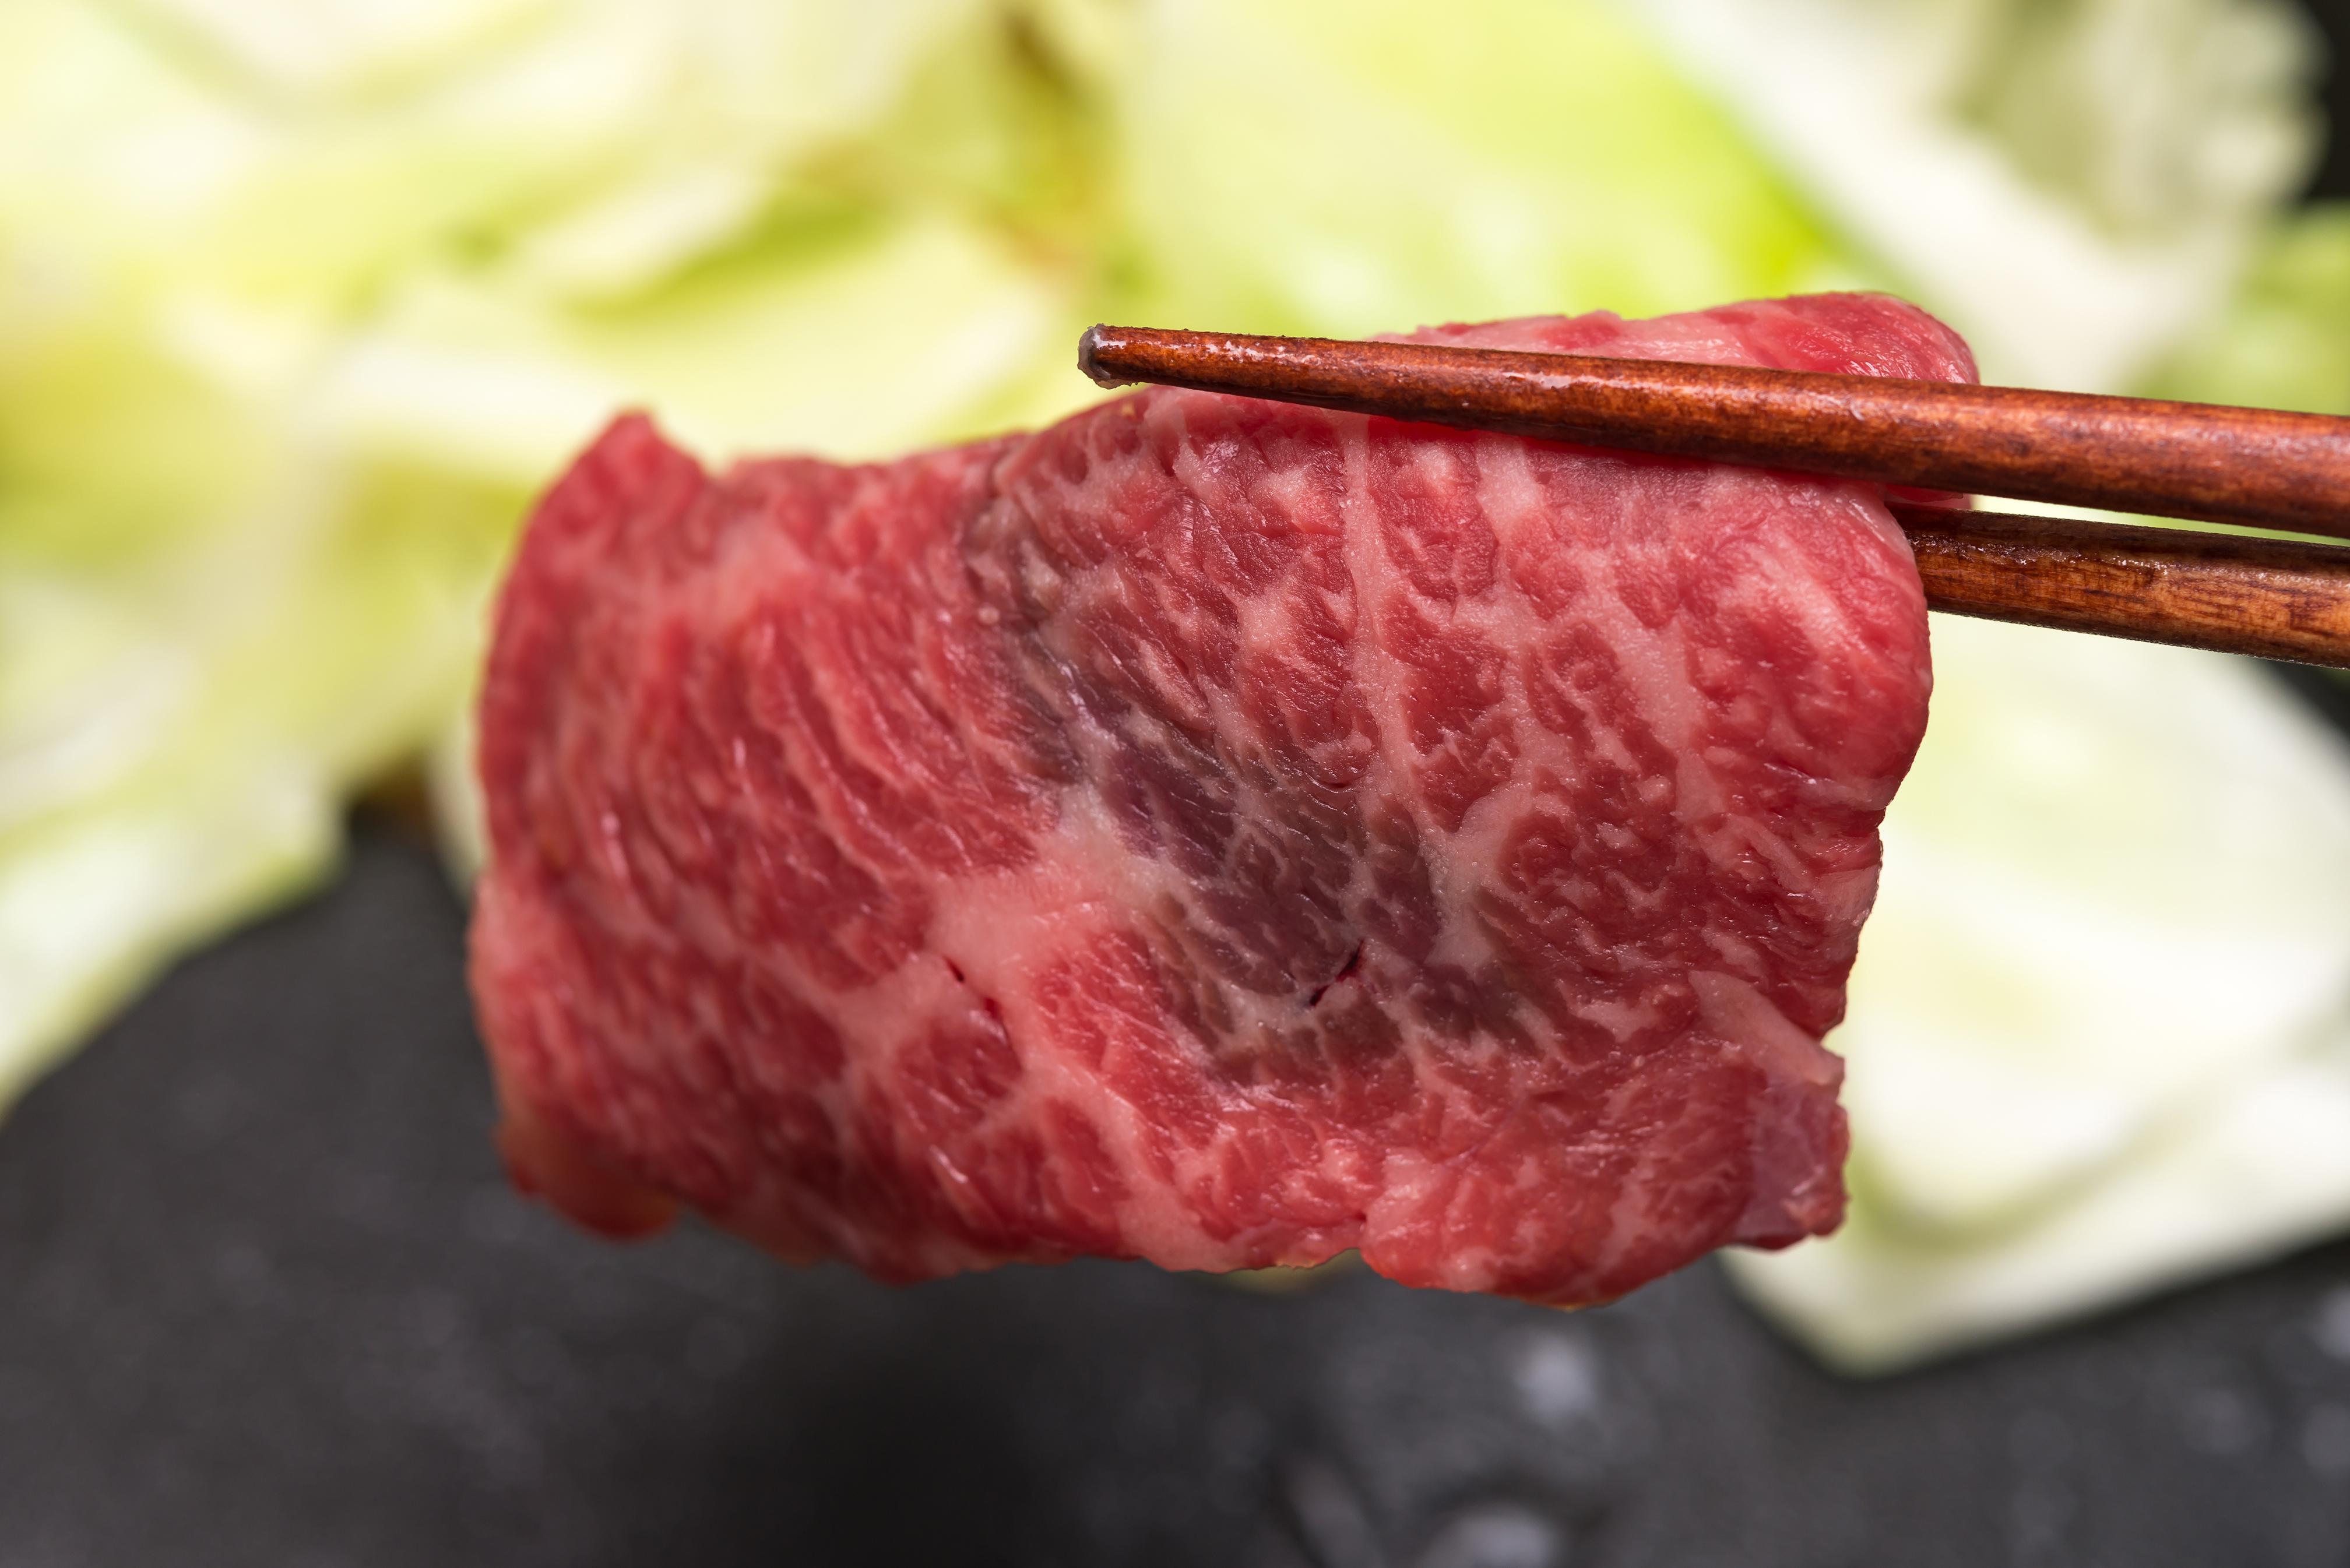 肉割烹 上は西麻布にあるおしゃれな人気店!コースメニューの内容や料金は?